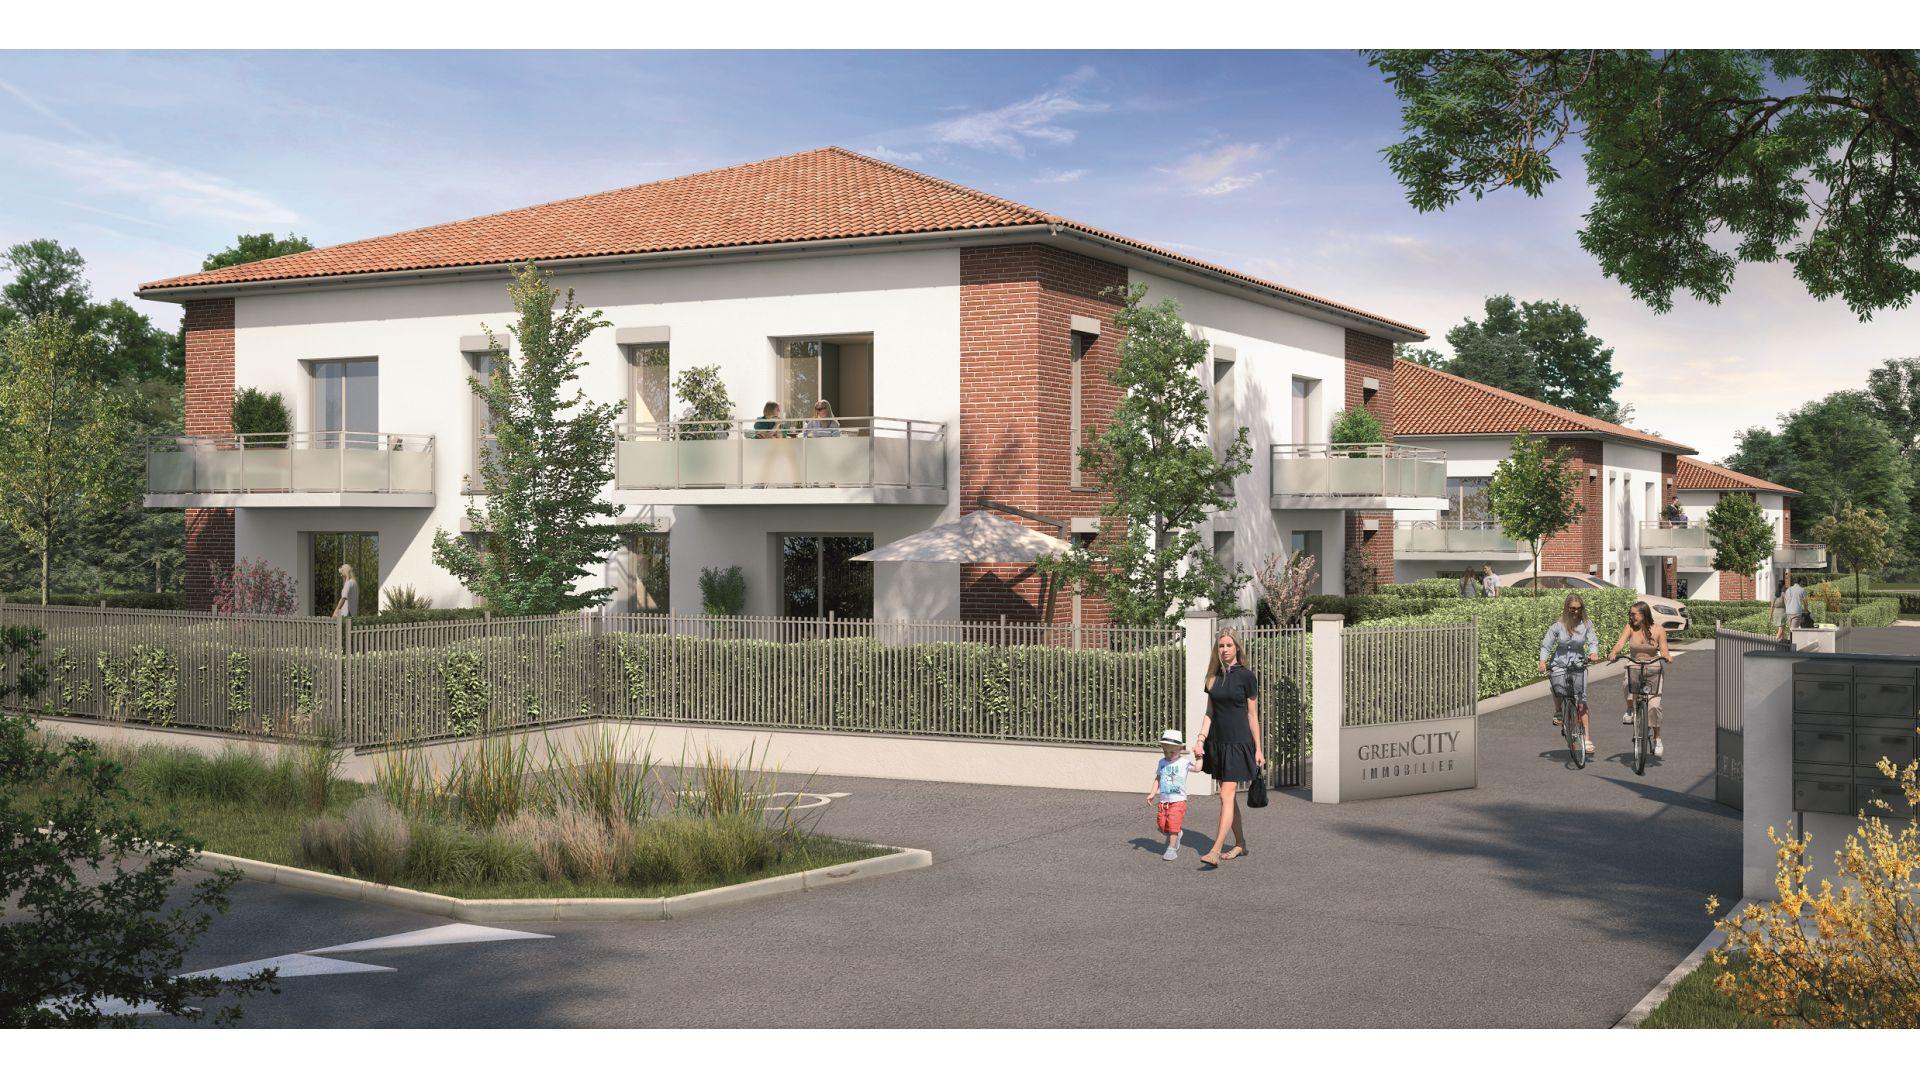 Greencity Immobilier - Le Roncevaux - achat appartements du T2 au T3 - Pechbonnieu 31140